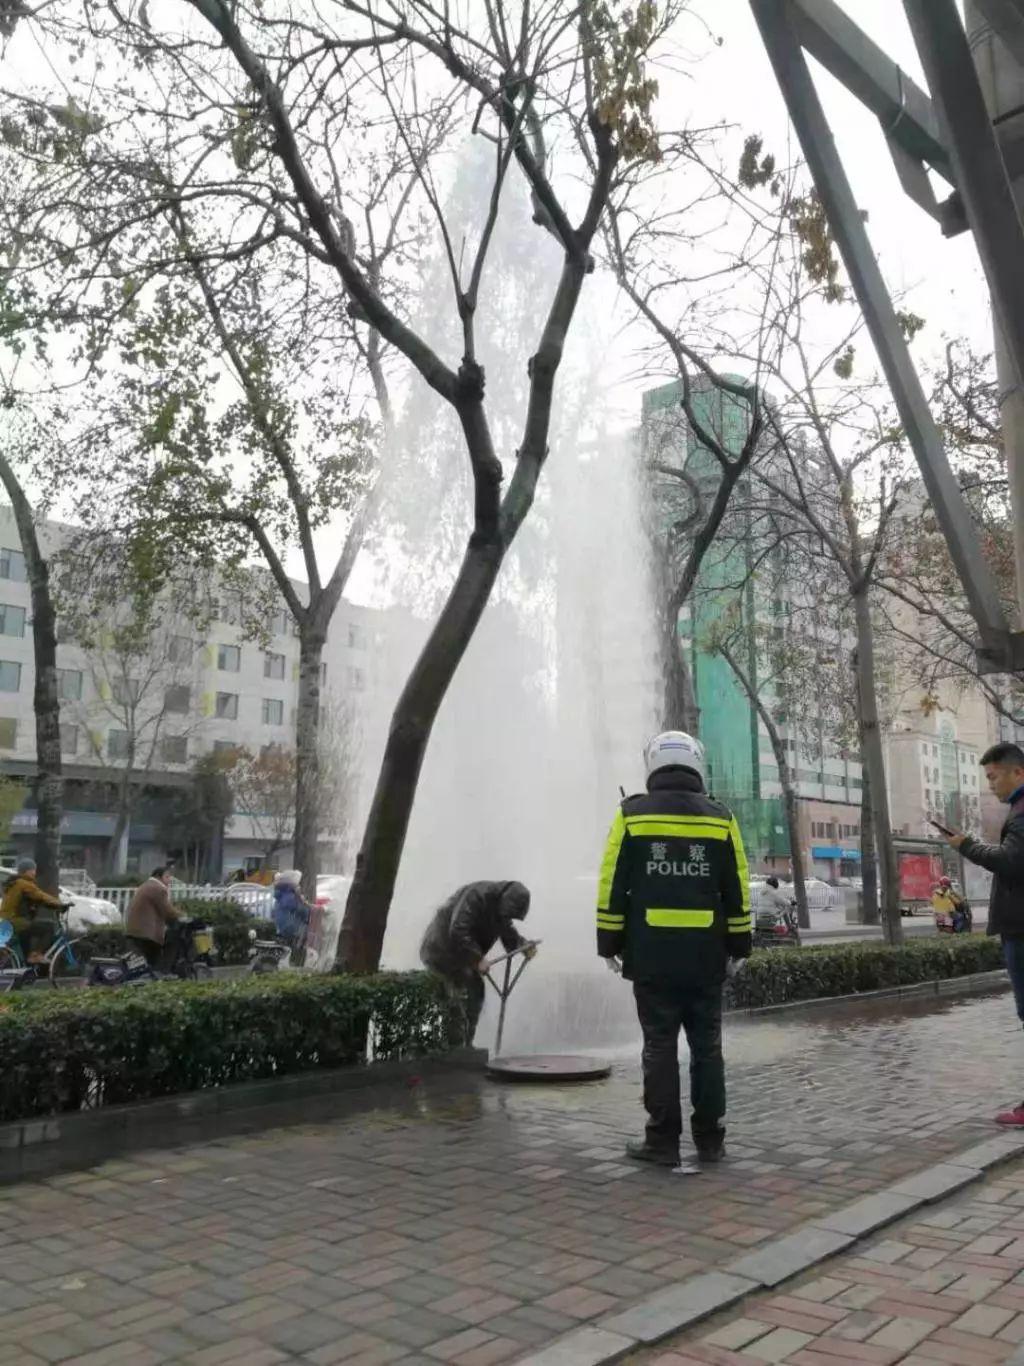 石家庄一道路旁水管突然破裂,水柱高达六米!到底怎么一回事?